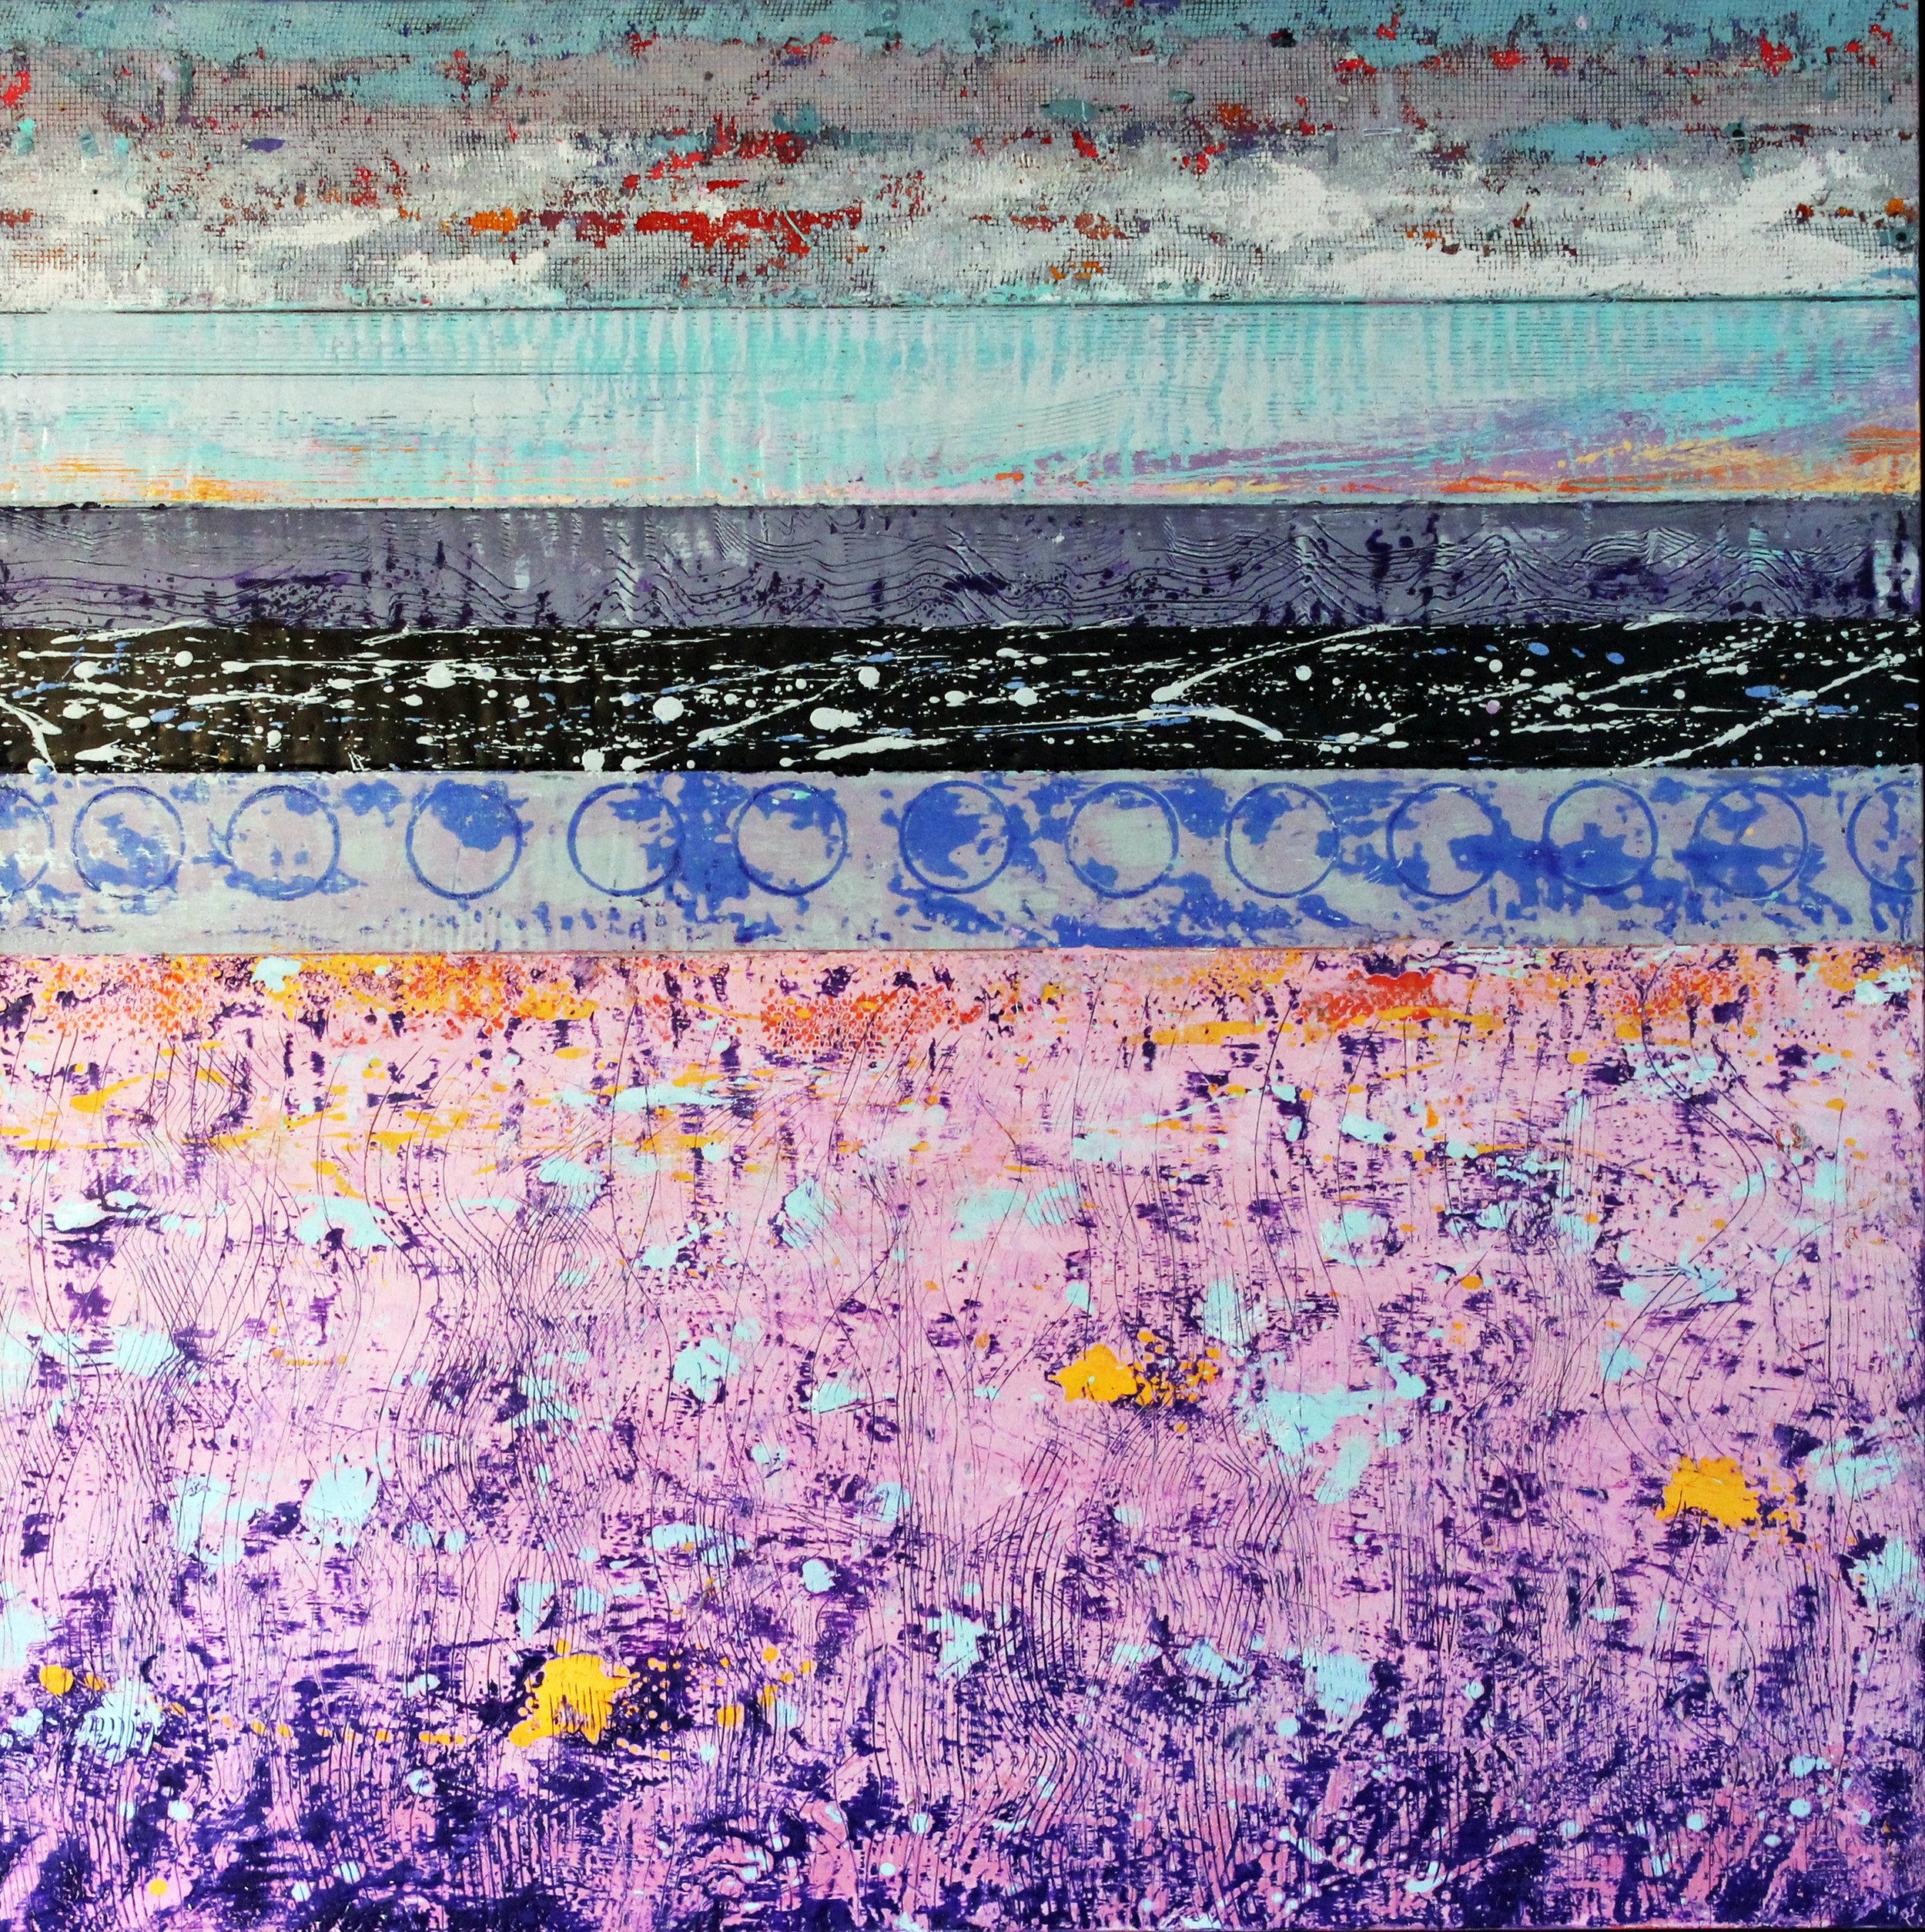 David Hayward : Sea Wall Pink Field